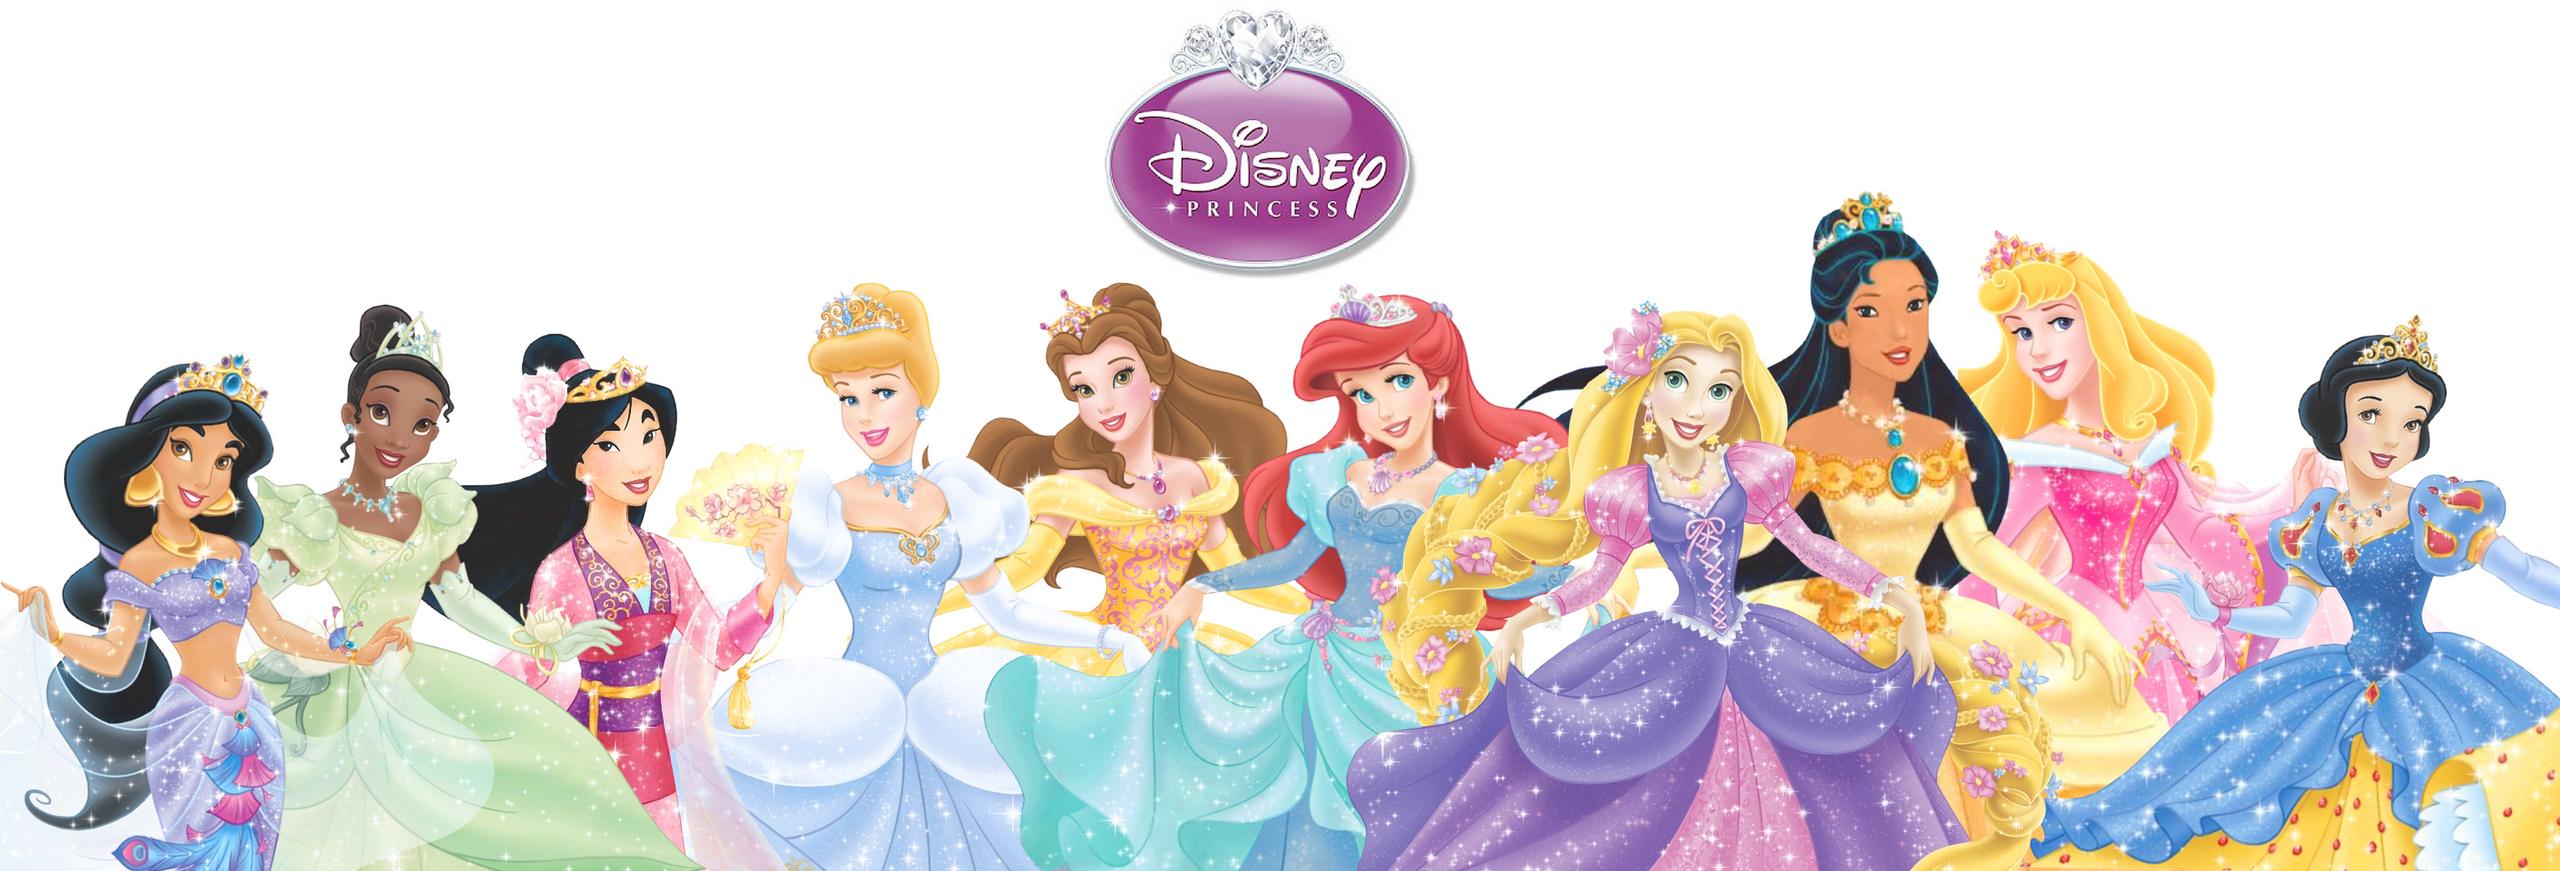 Ten Official ডিজনি Princesses Line Up